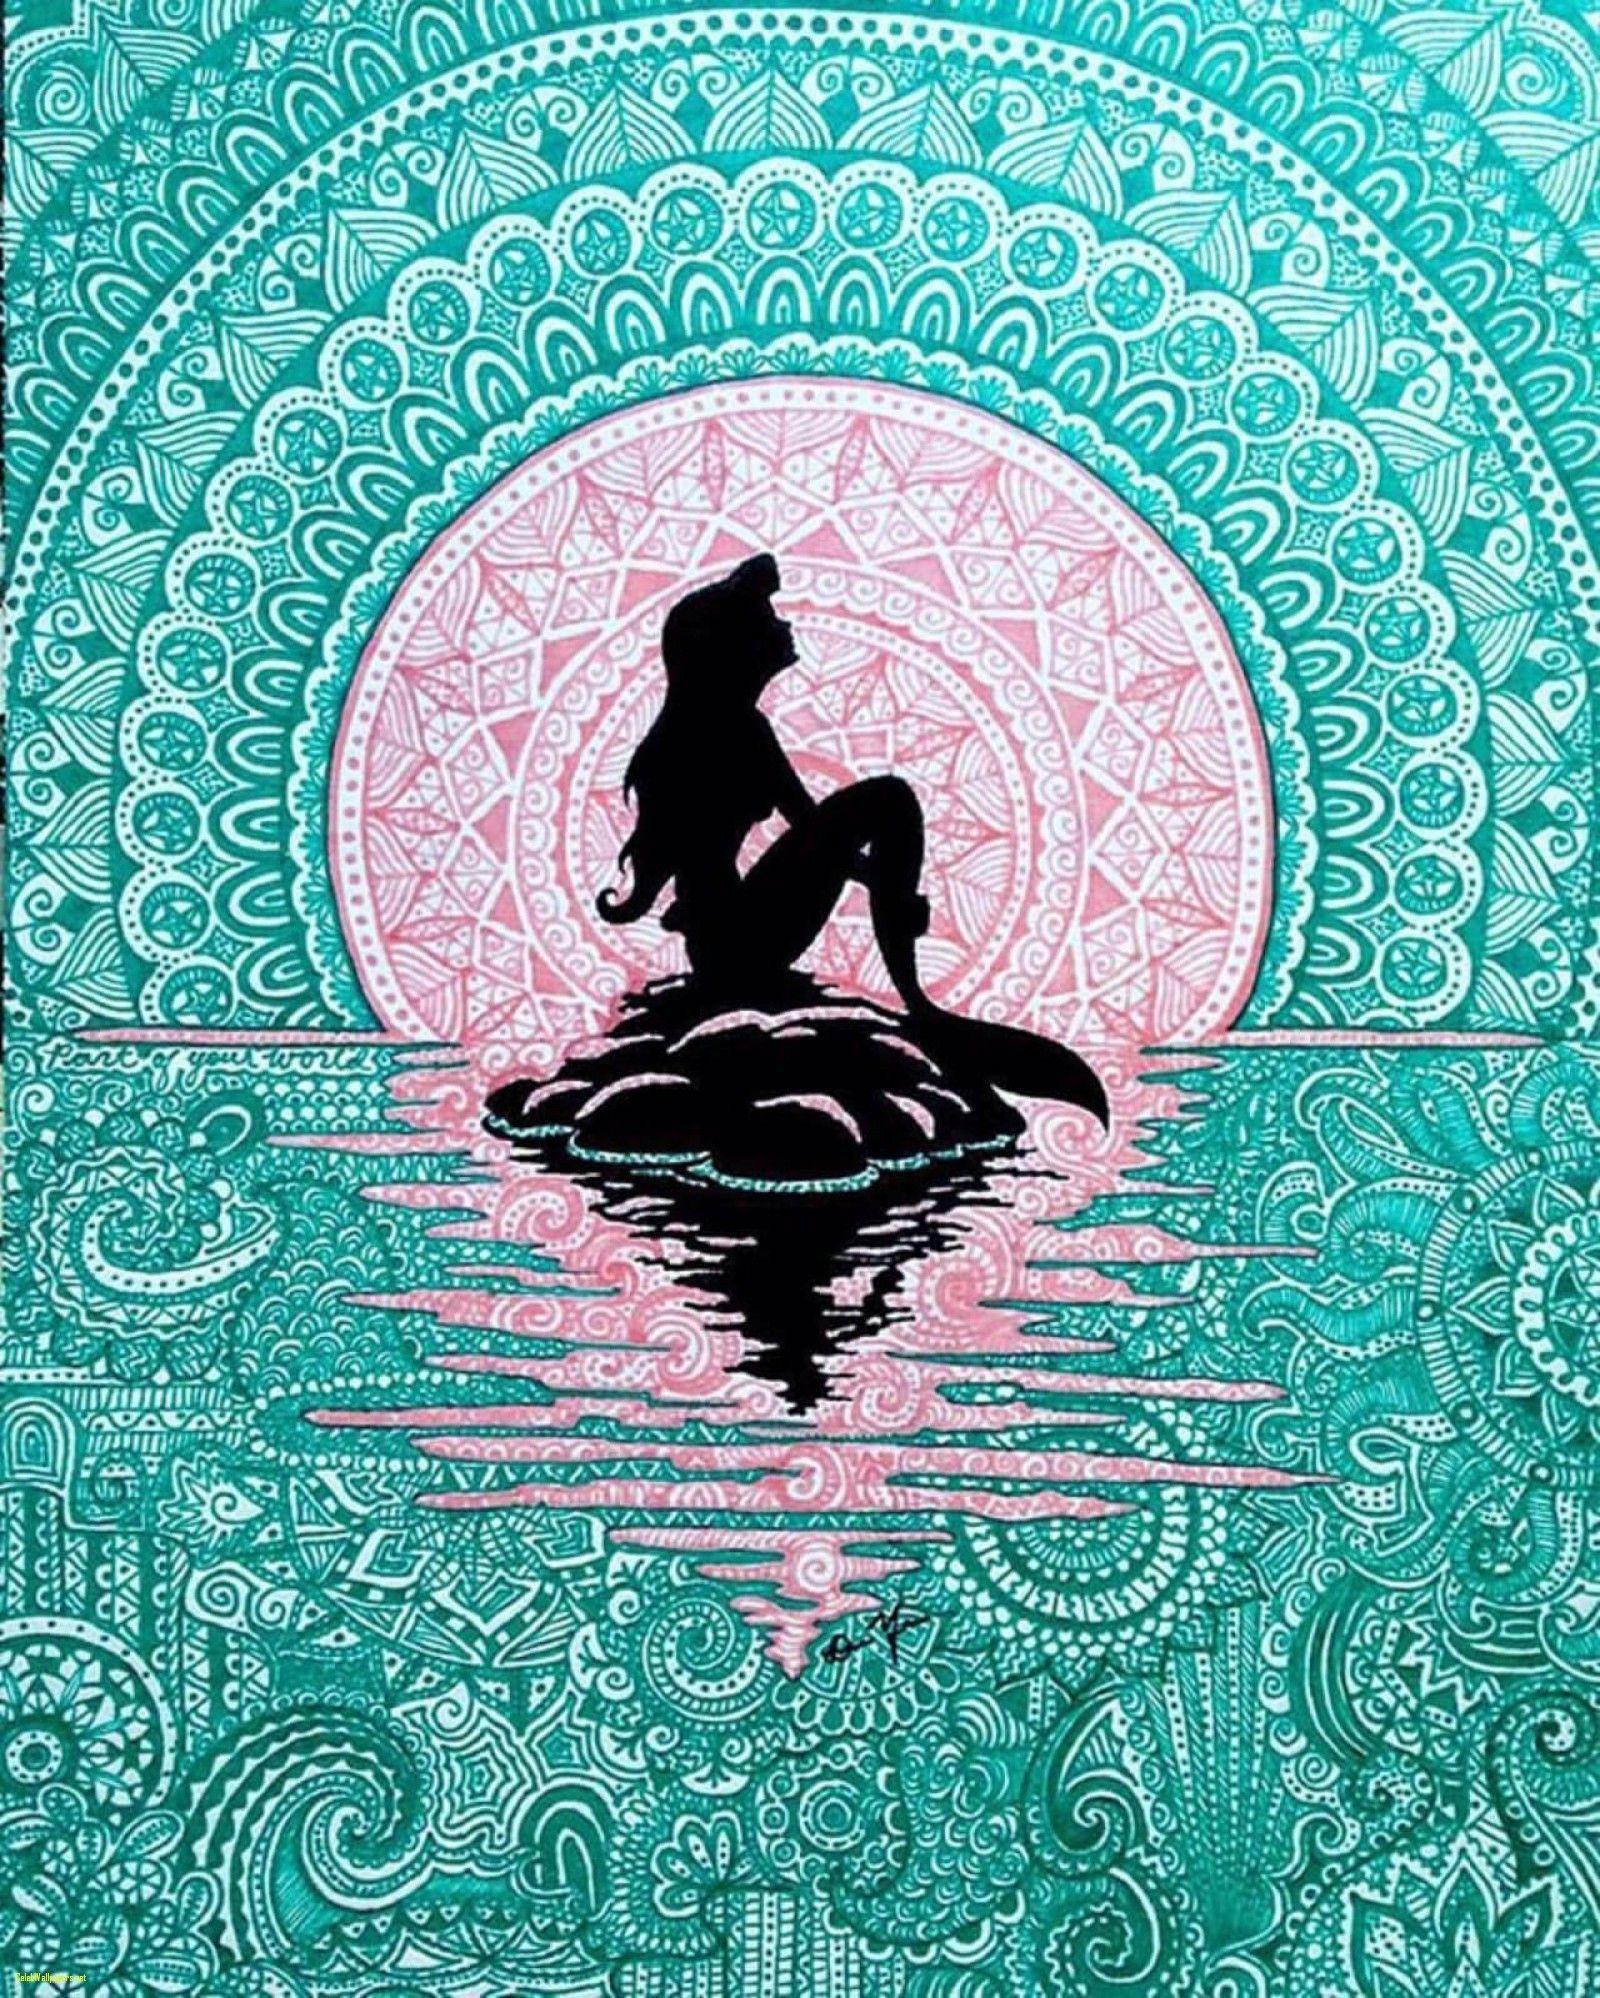 Mermaid Tumblr Wallpapers Wallpaper Cave